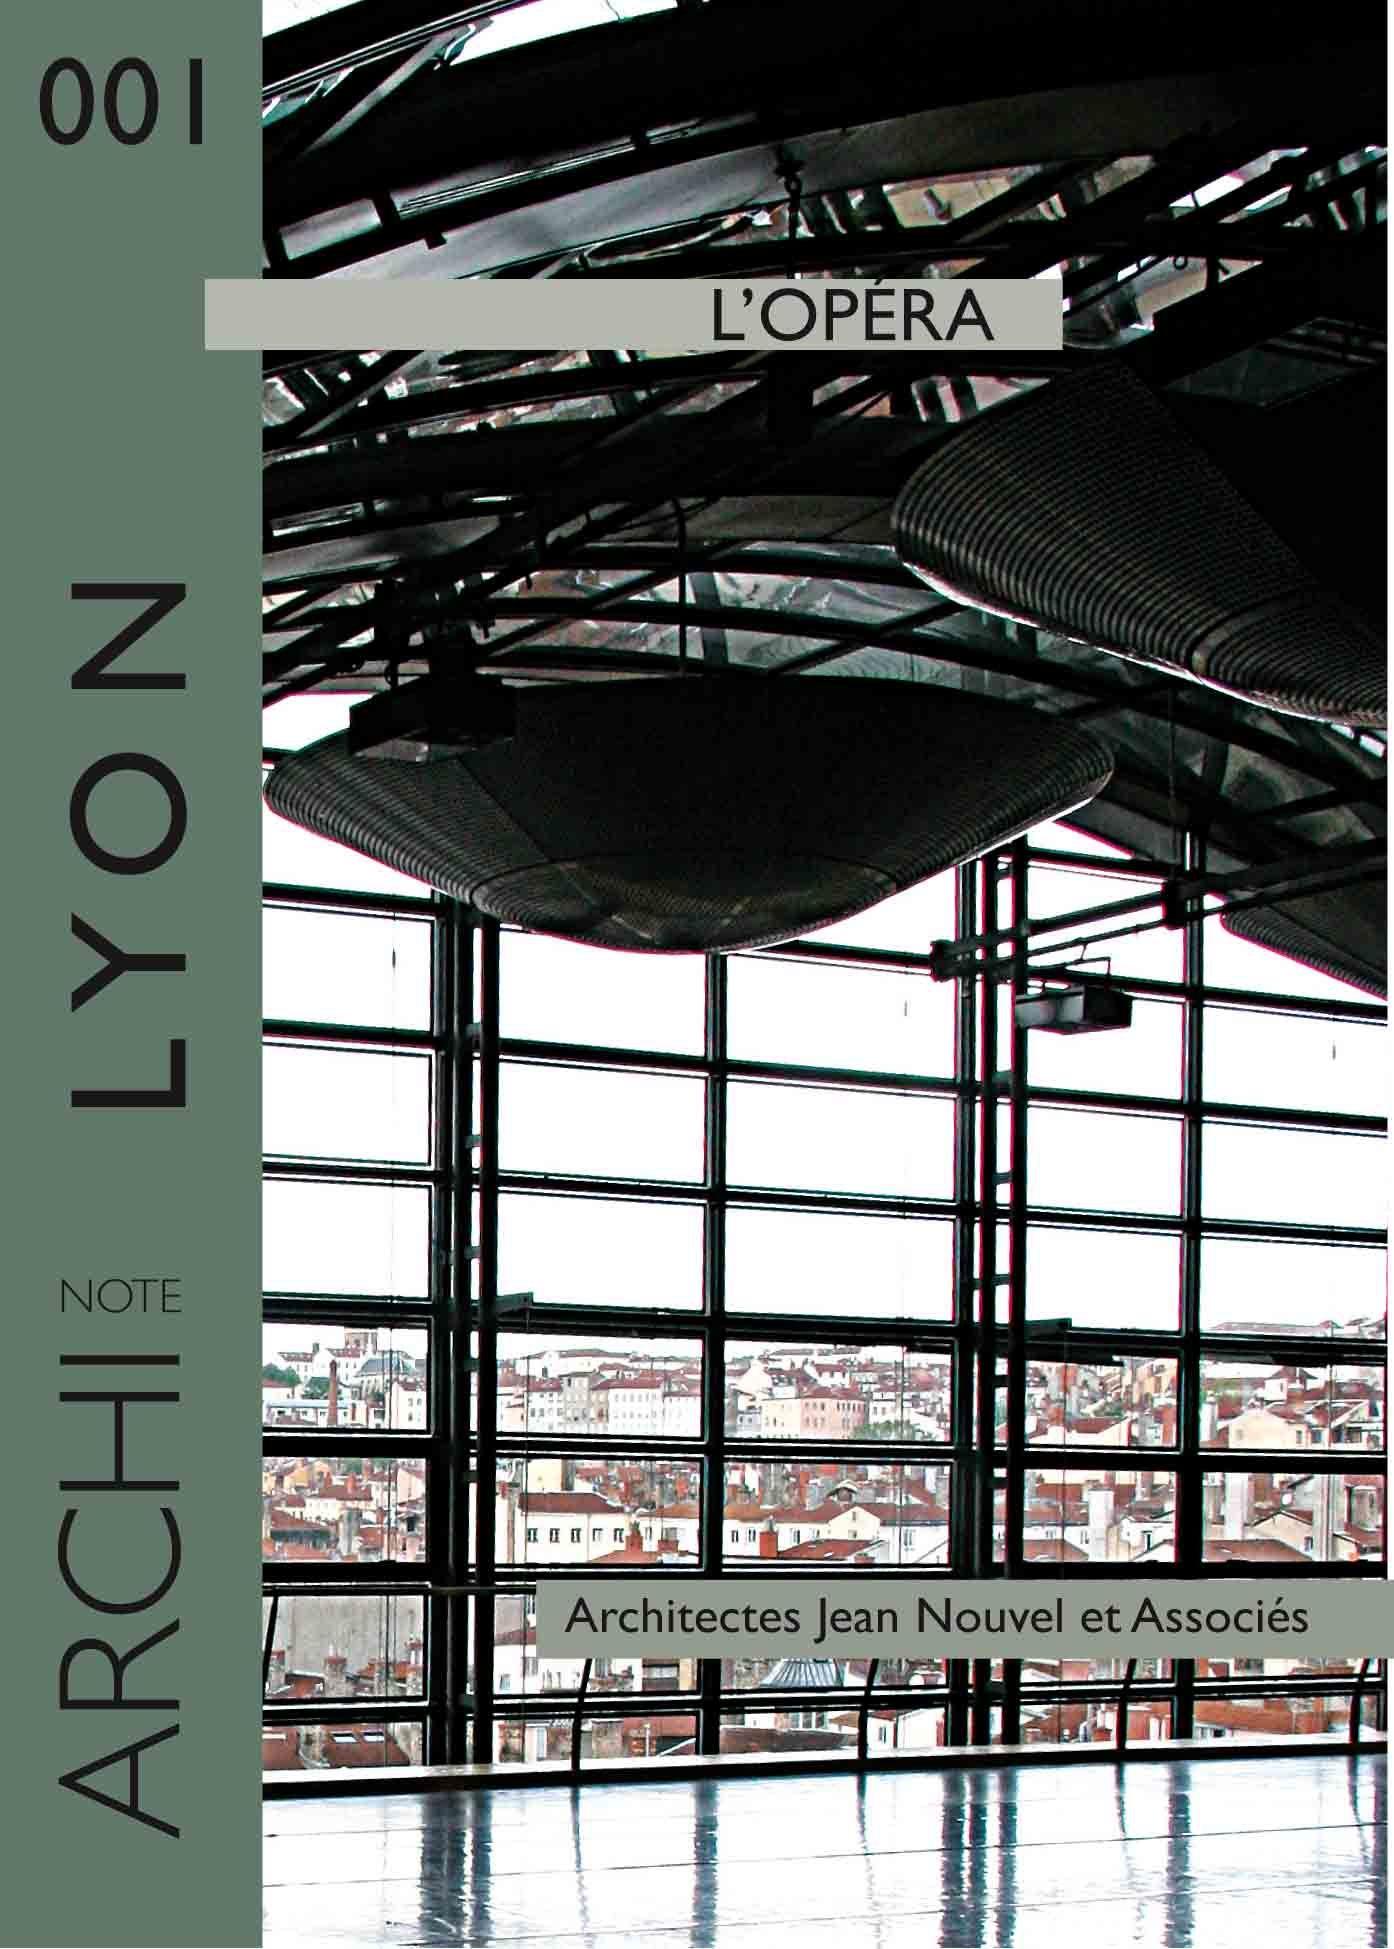 LYON : L'OPERA